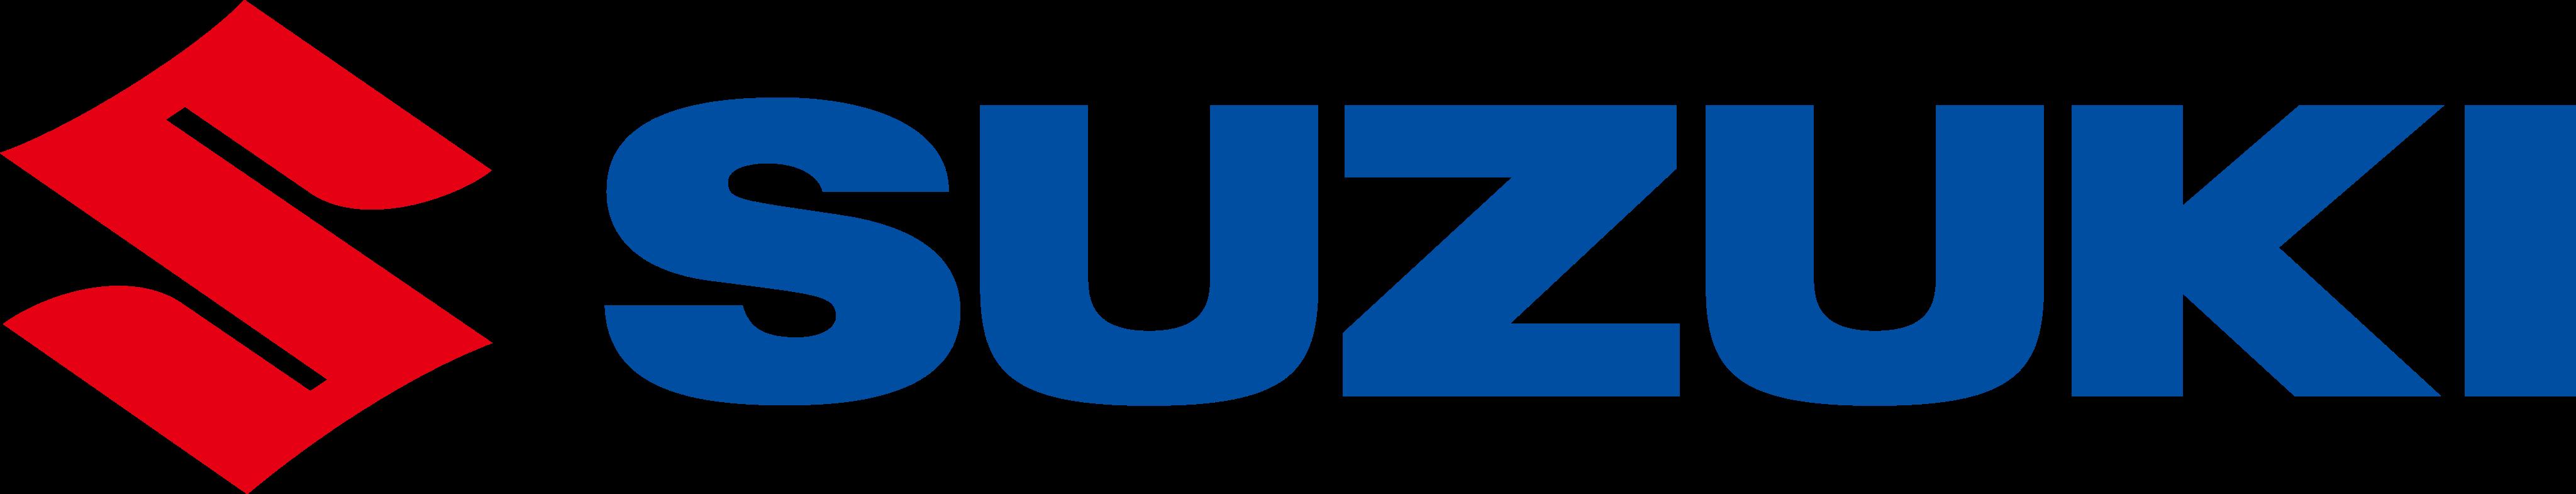 suzuki logo 12 - Suzuki Logo